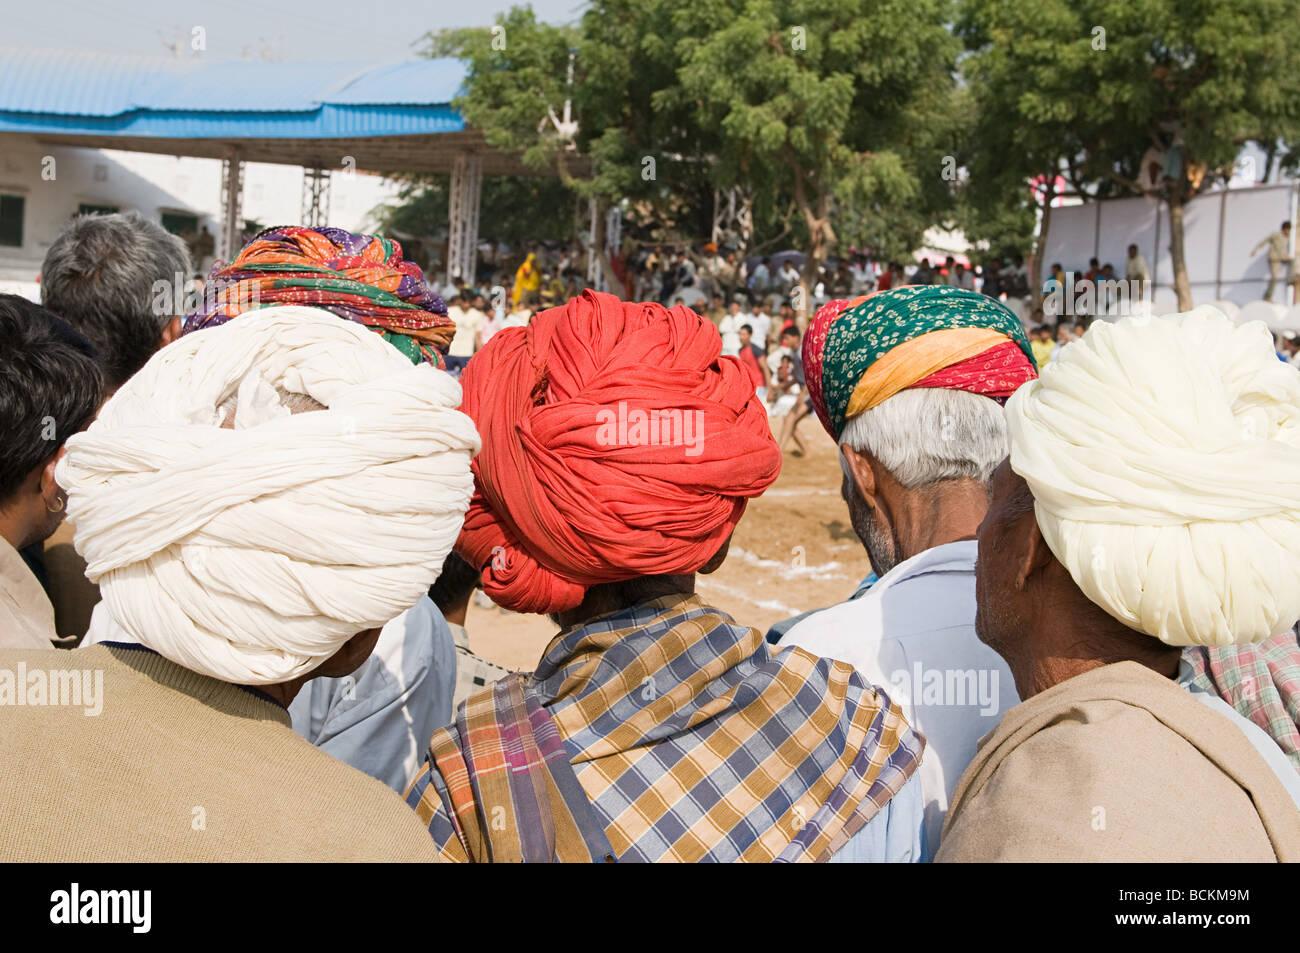 Personas en el festival del camello de Pushkar Imagen De Stock